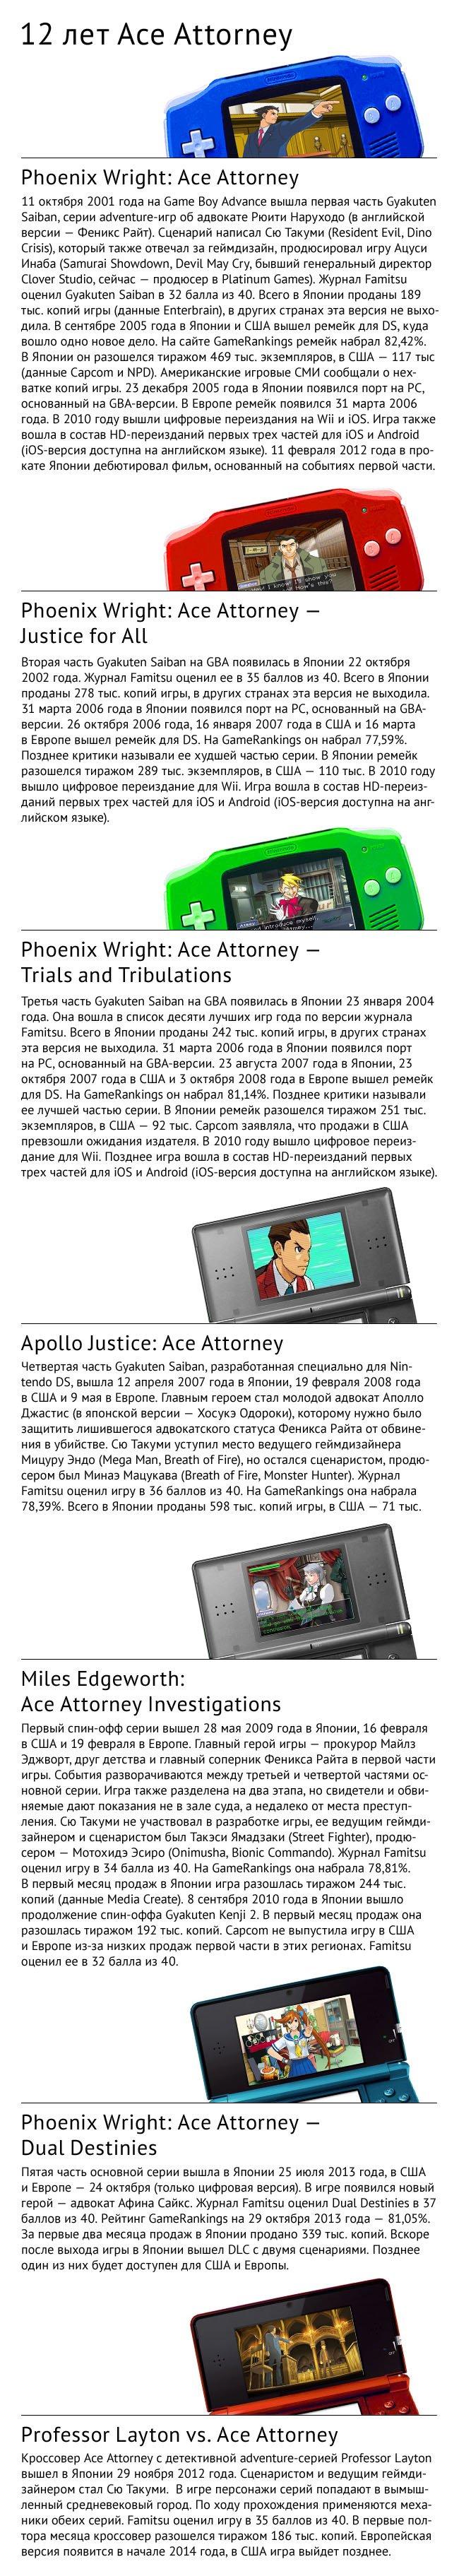 Рецензия на Phoenix Wright: Ace Attorney - Dual Destinies | Канобу - Изображение 5319